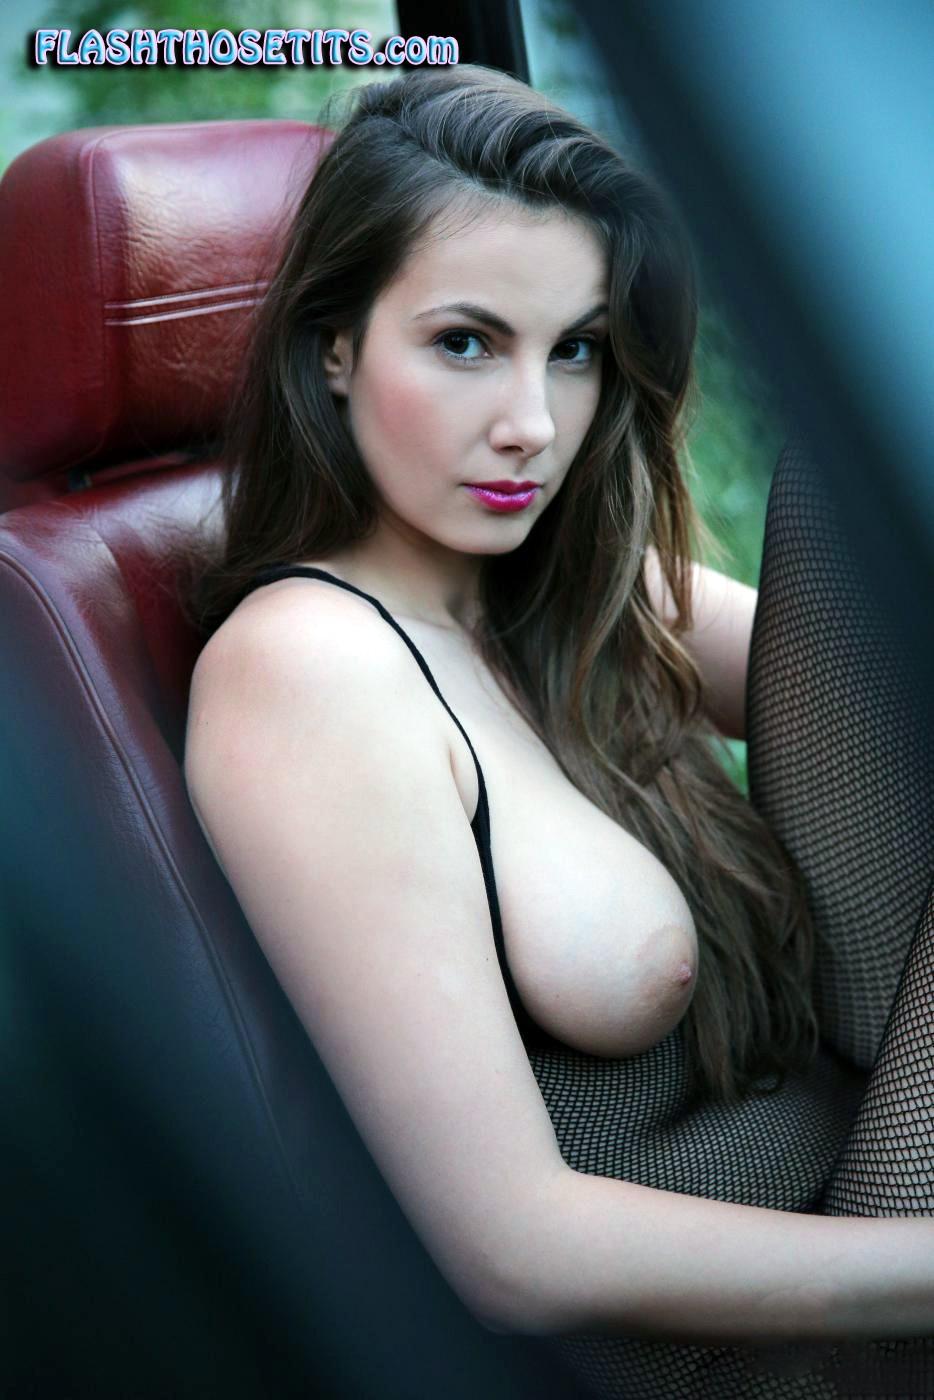 車内で爆乳おっぱい露出して見せつける白人美女さんのエロ画像 Uc83FusVWLOGmGSP